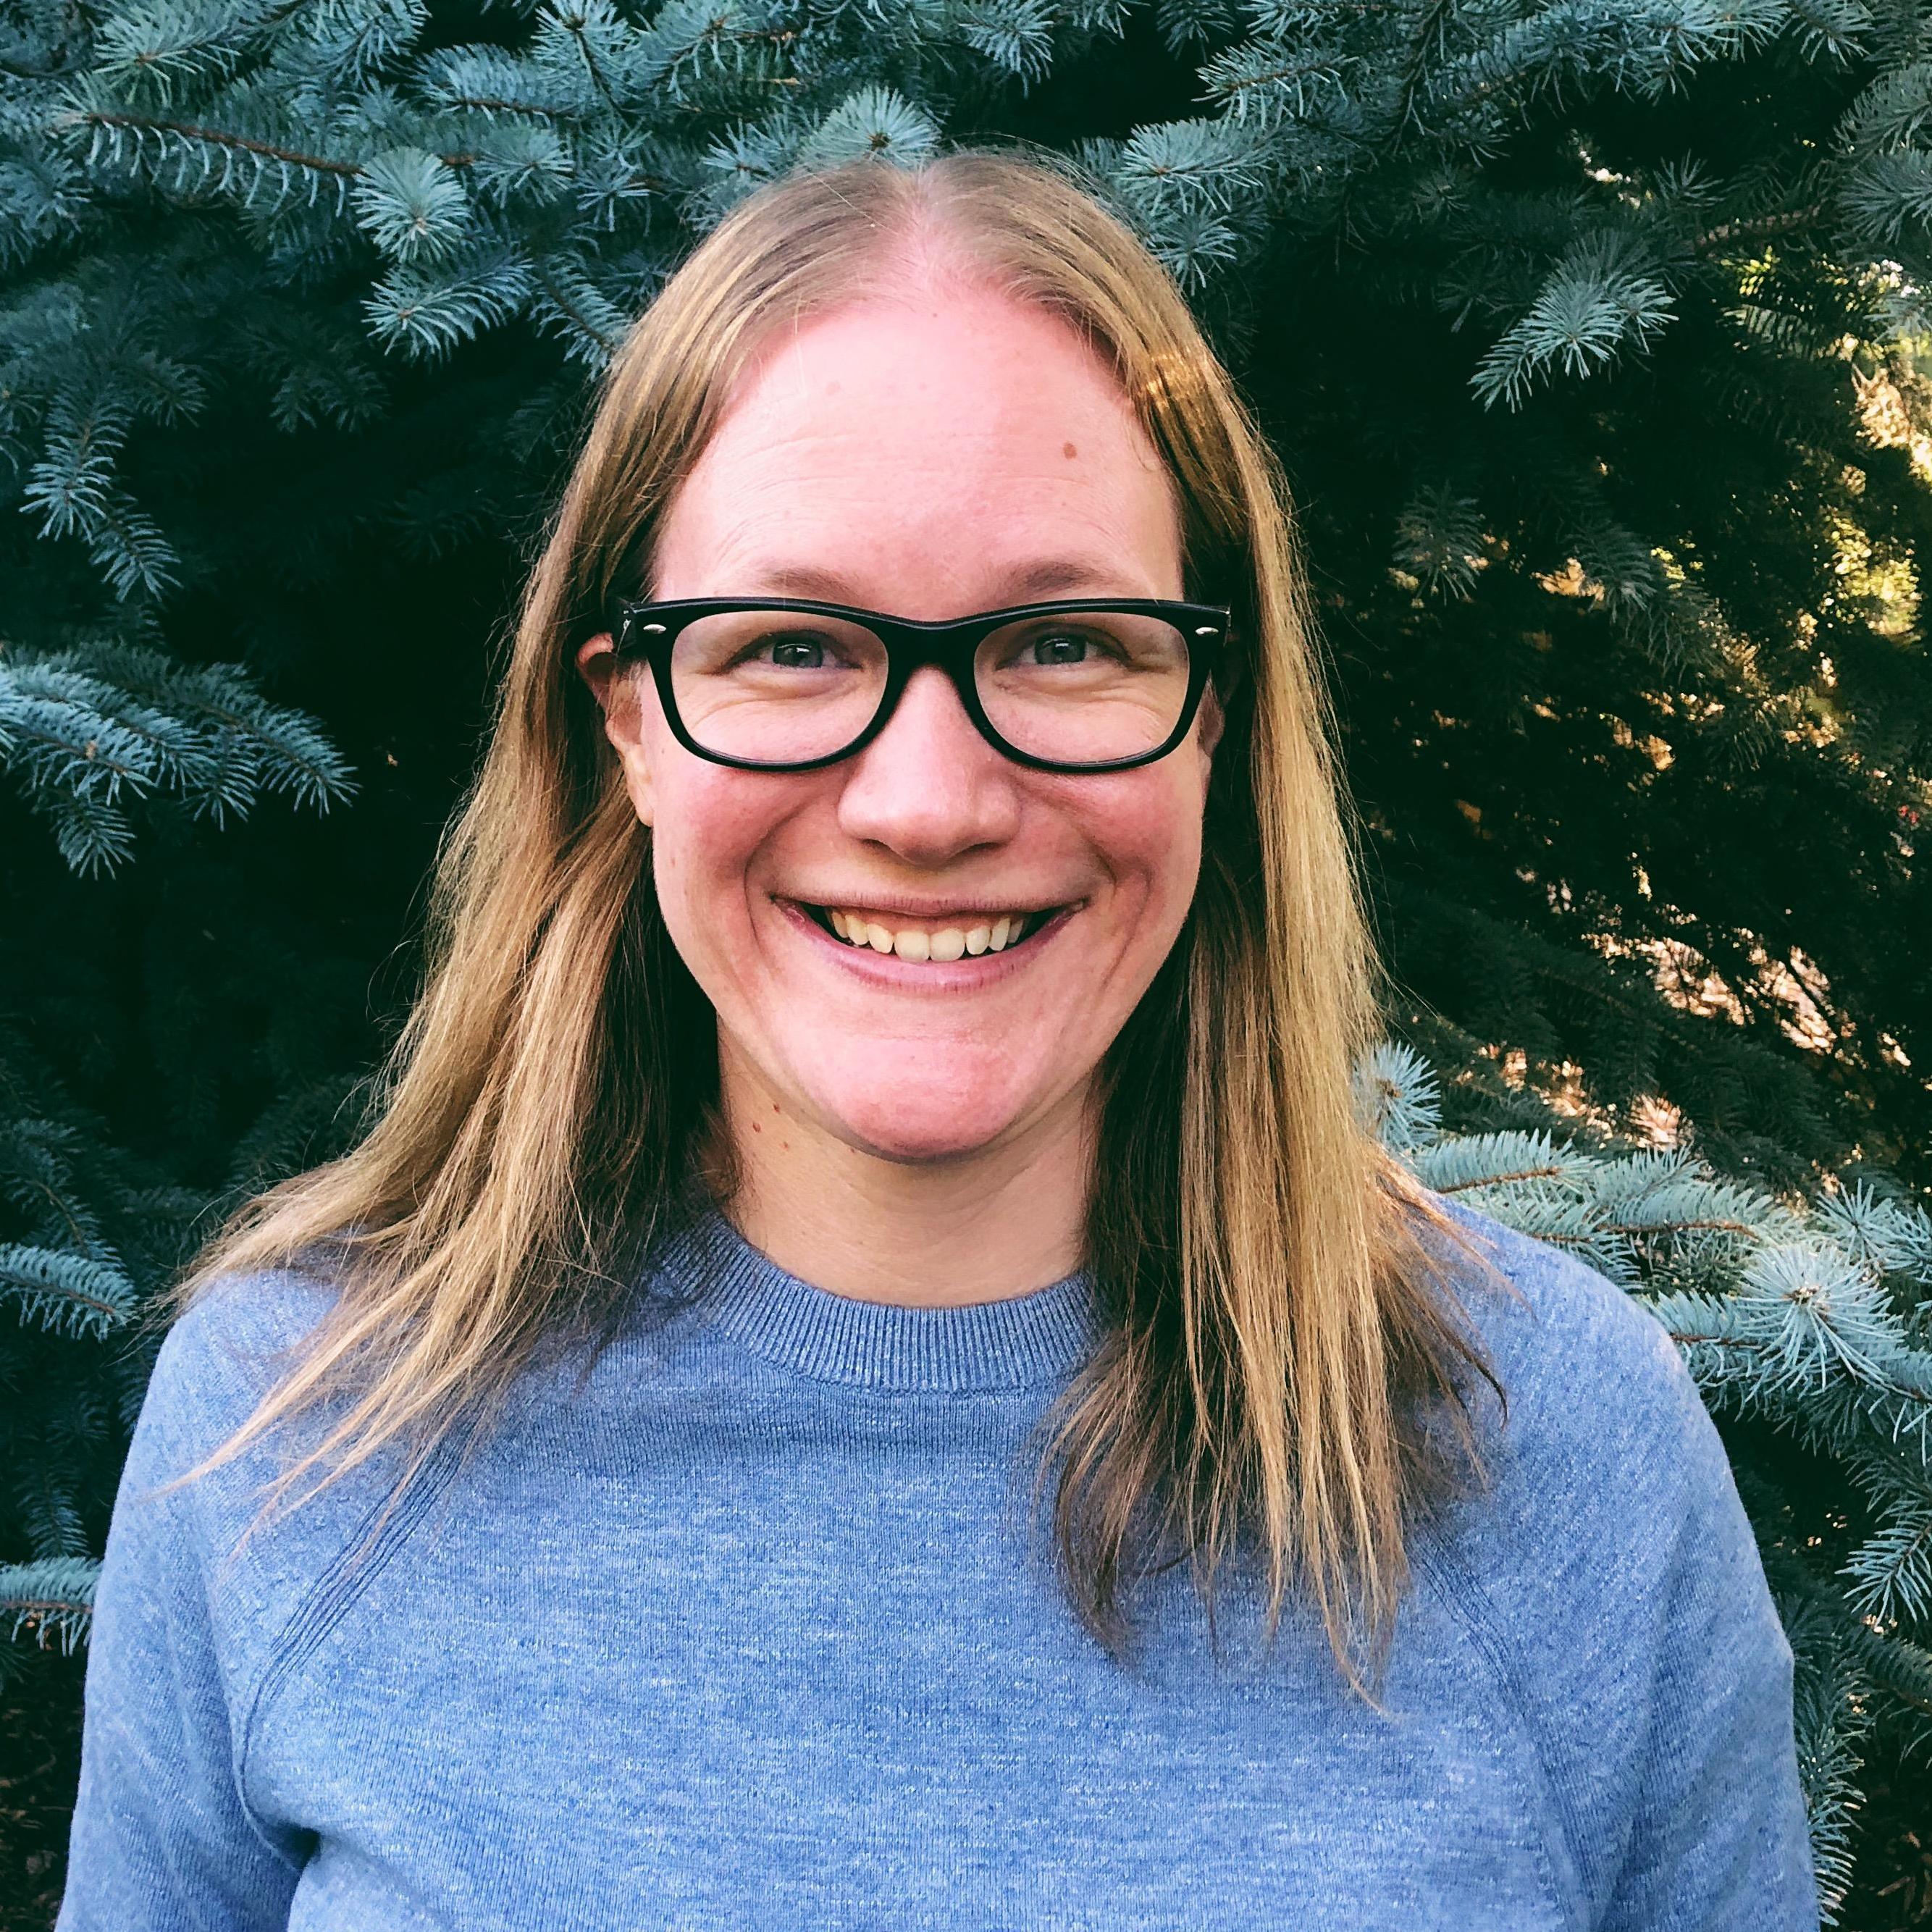 MSAD Director 's Profile Photo